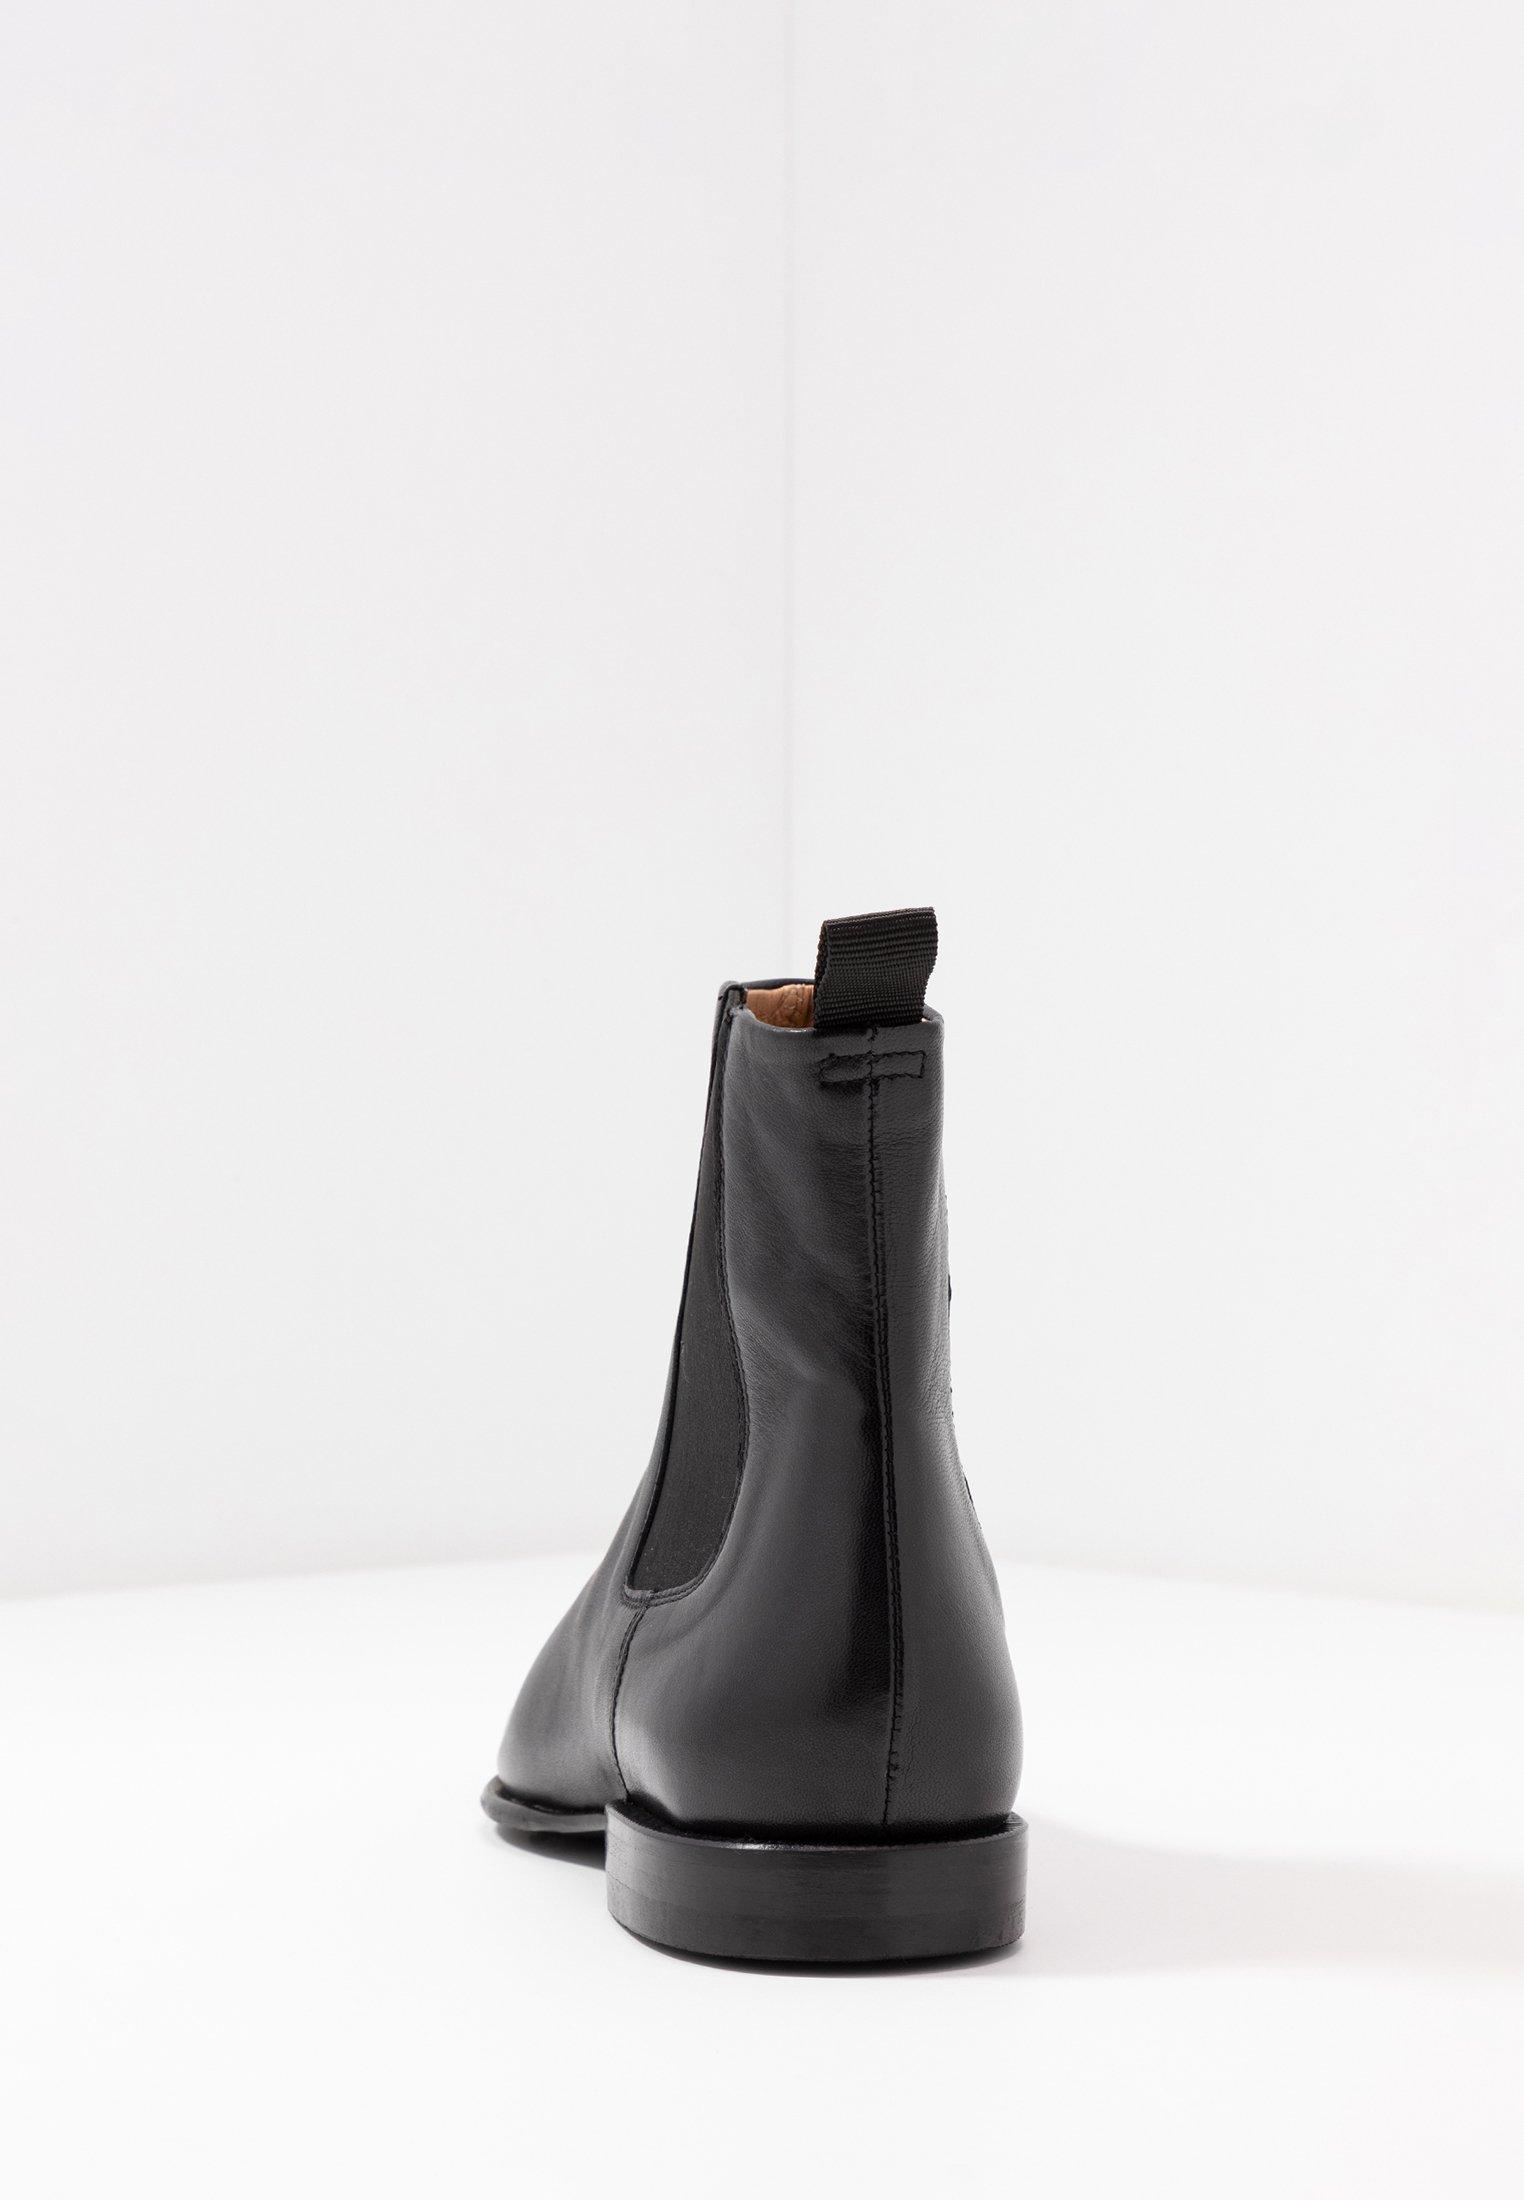 FALLON LOW CHELSEA BOOT Stövletter black